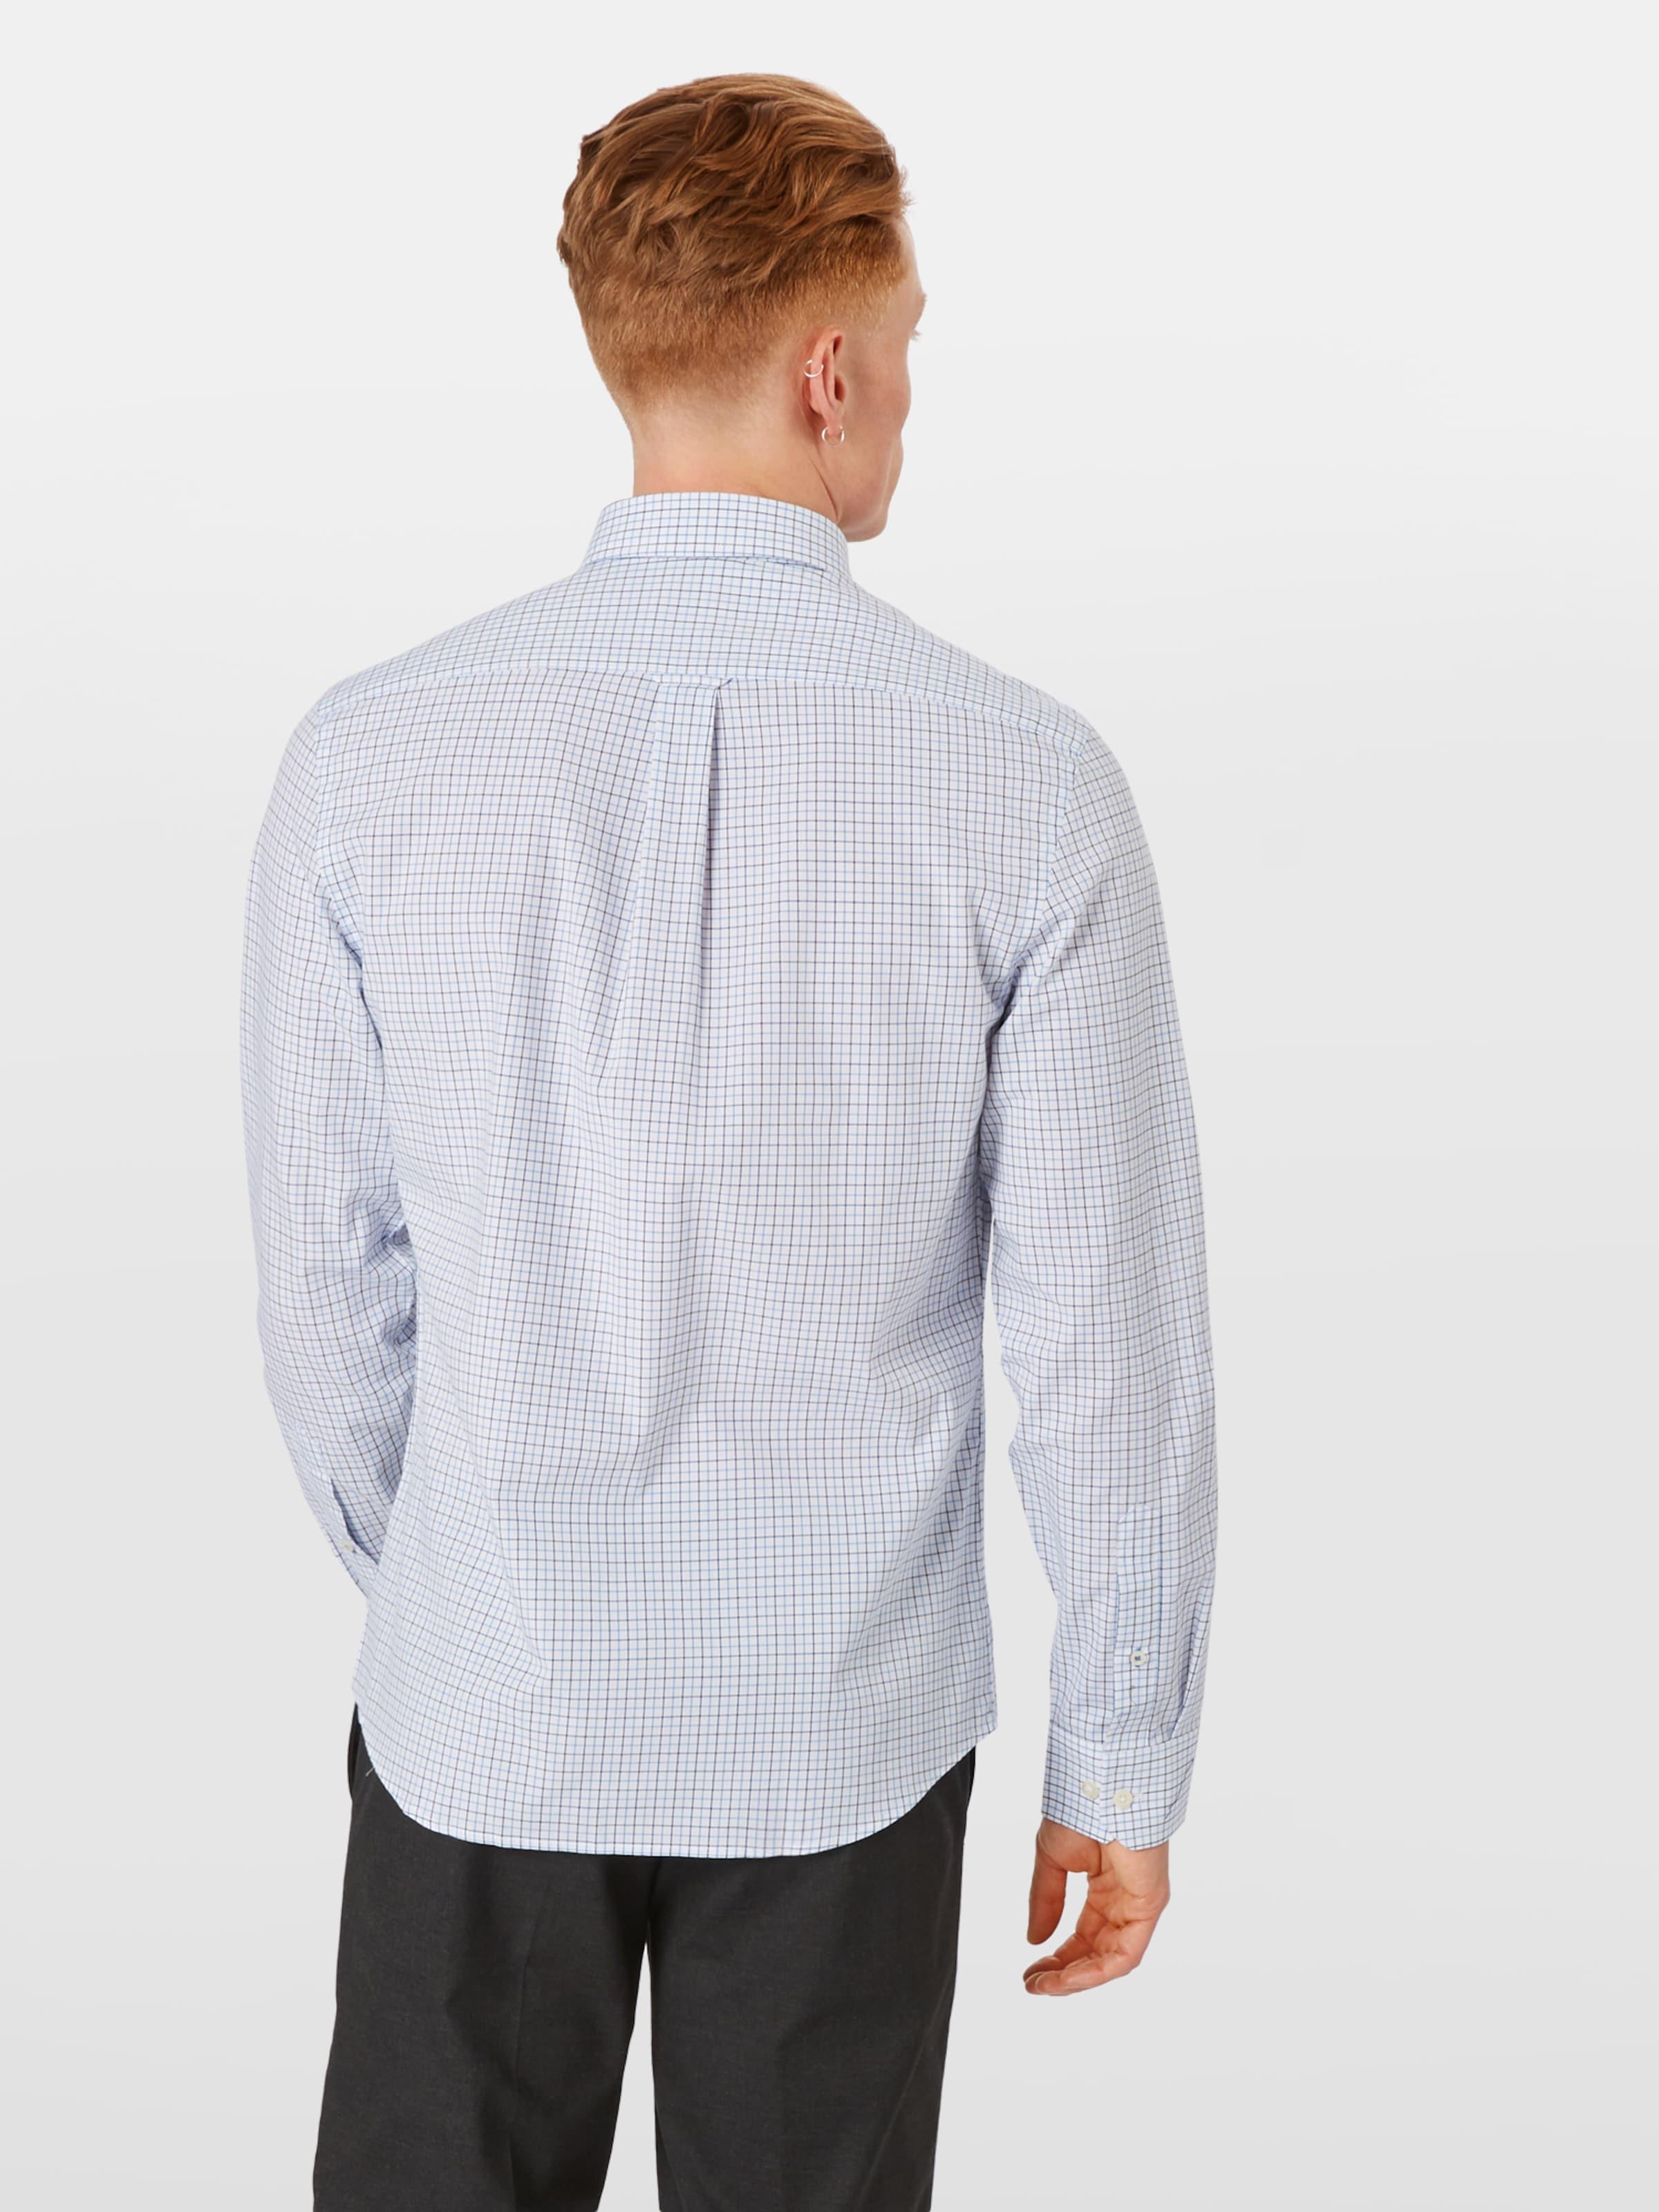 BlauWeiß 'poplin' Izod Hemd 'poplin' In Hemd In Izod oeBdrxC